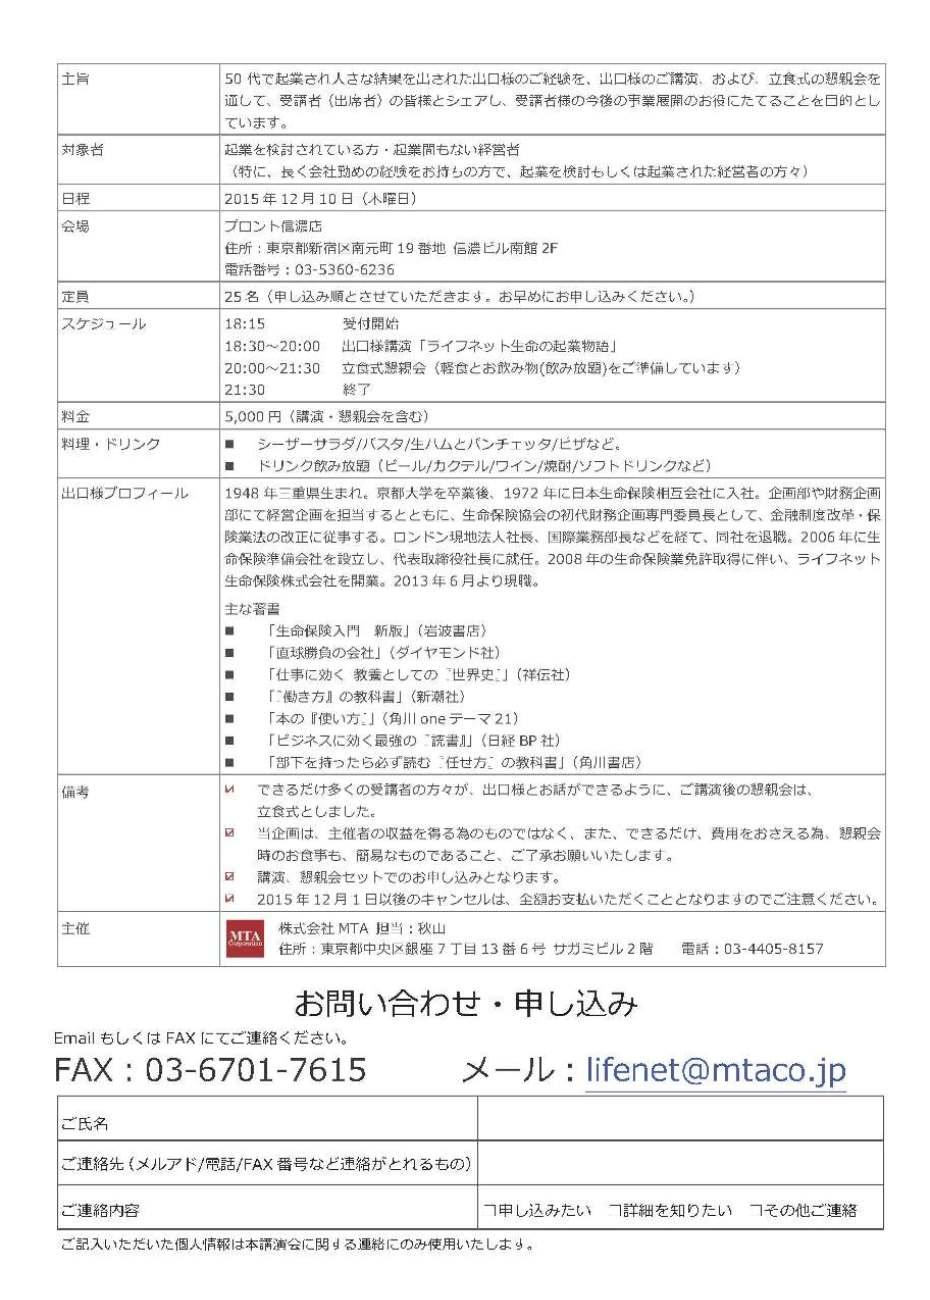 ライフネット生命株式会社出口会長兼CEO講演会・懇親会パンフ裏